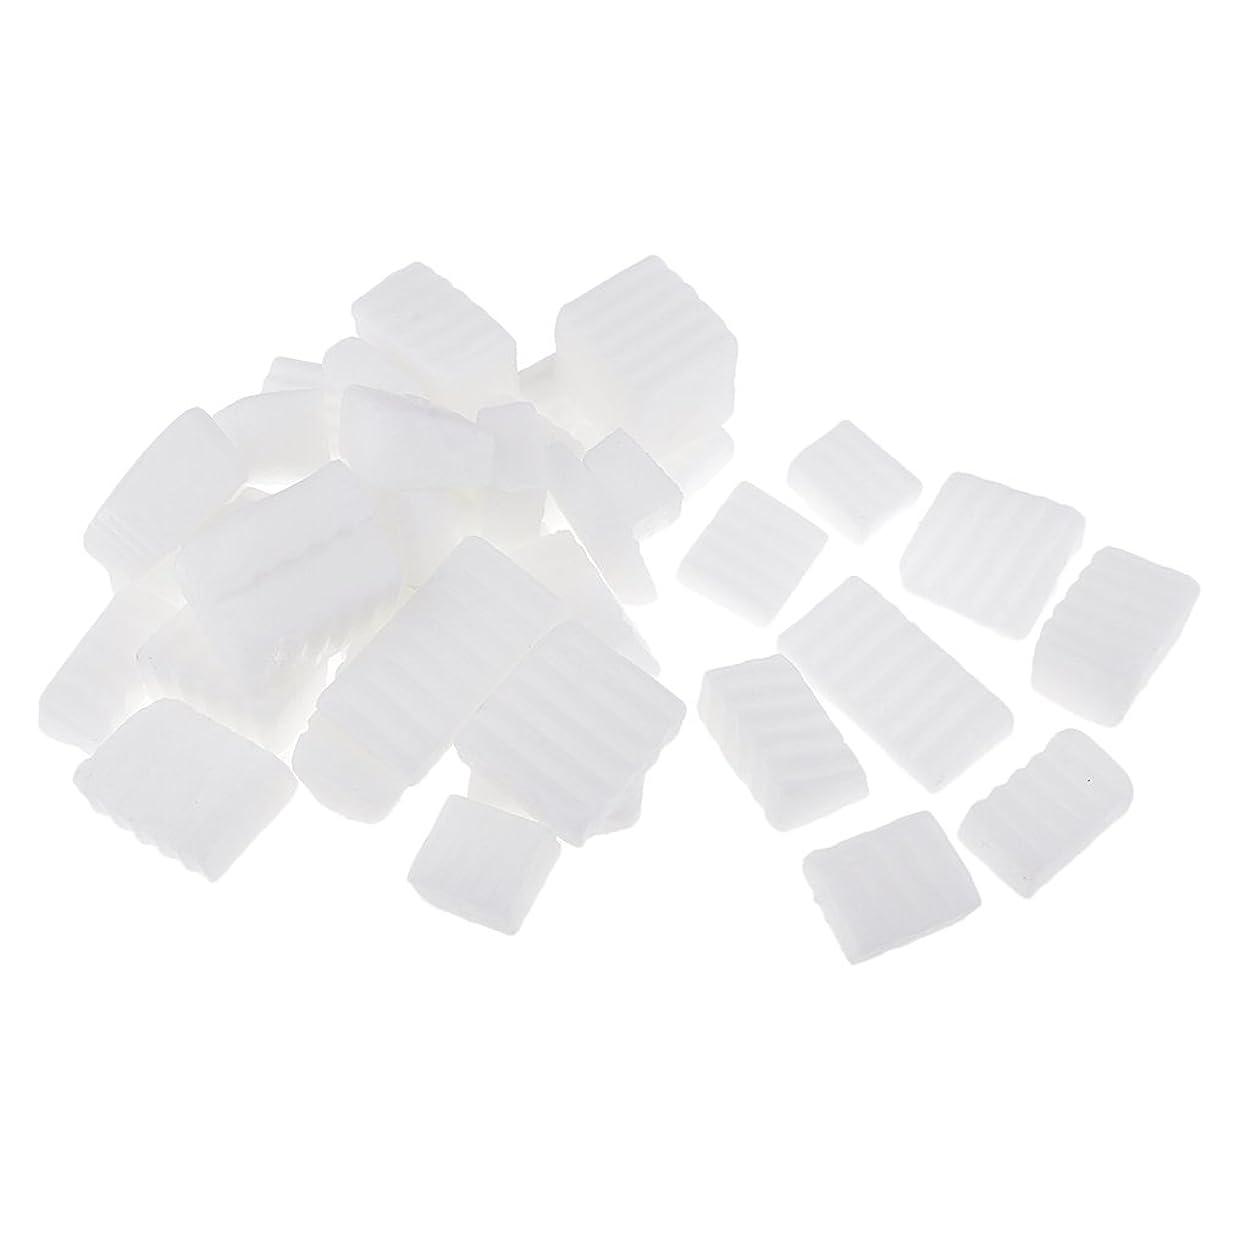 フェローシップ驚き周術期Perfk 石鹸ベース DIY 手作り 石鹸 原料 1 KG 白い 手作り バス用品